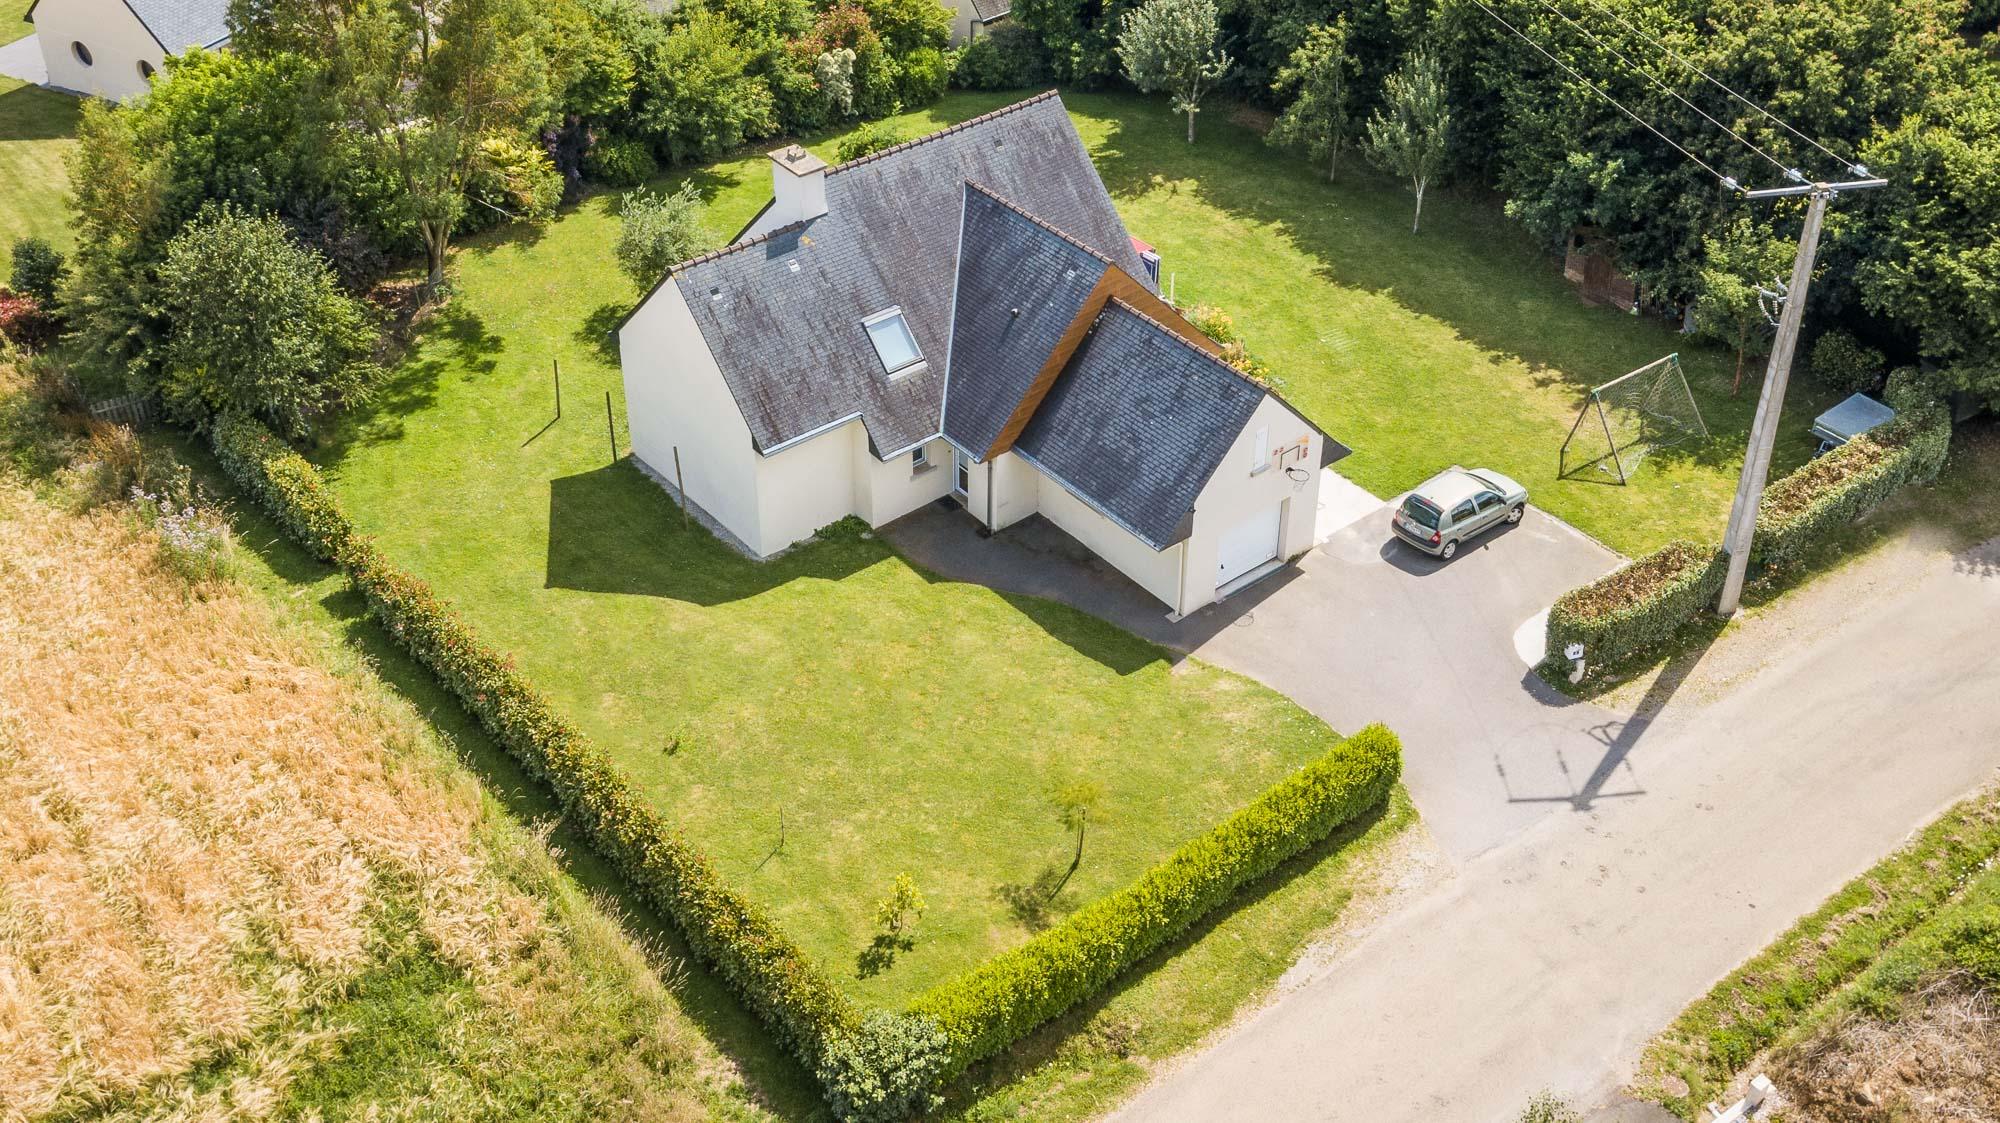 Photographie aérienne prise par drone pour une agence immobilière à Brest, Finistère, Bretagne